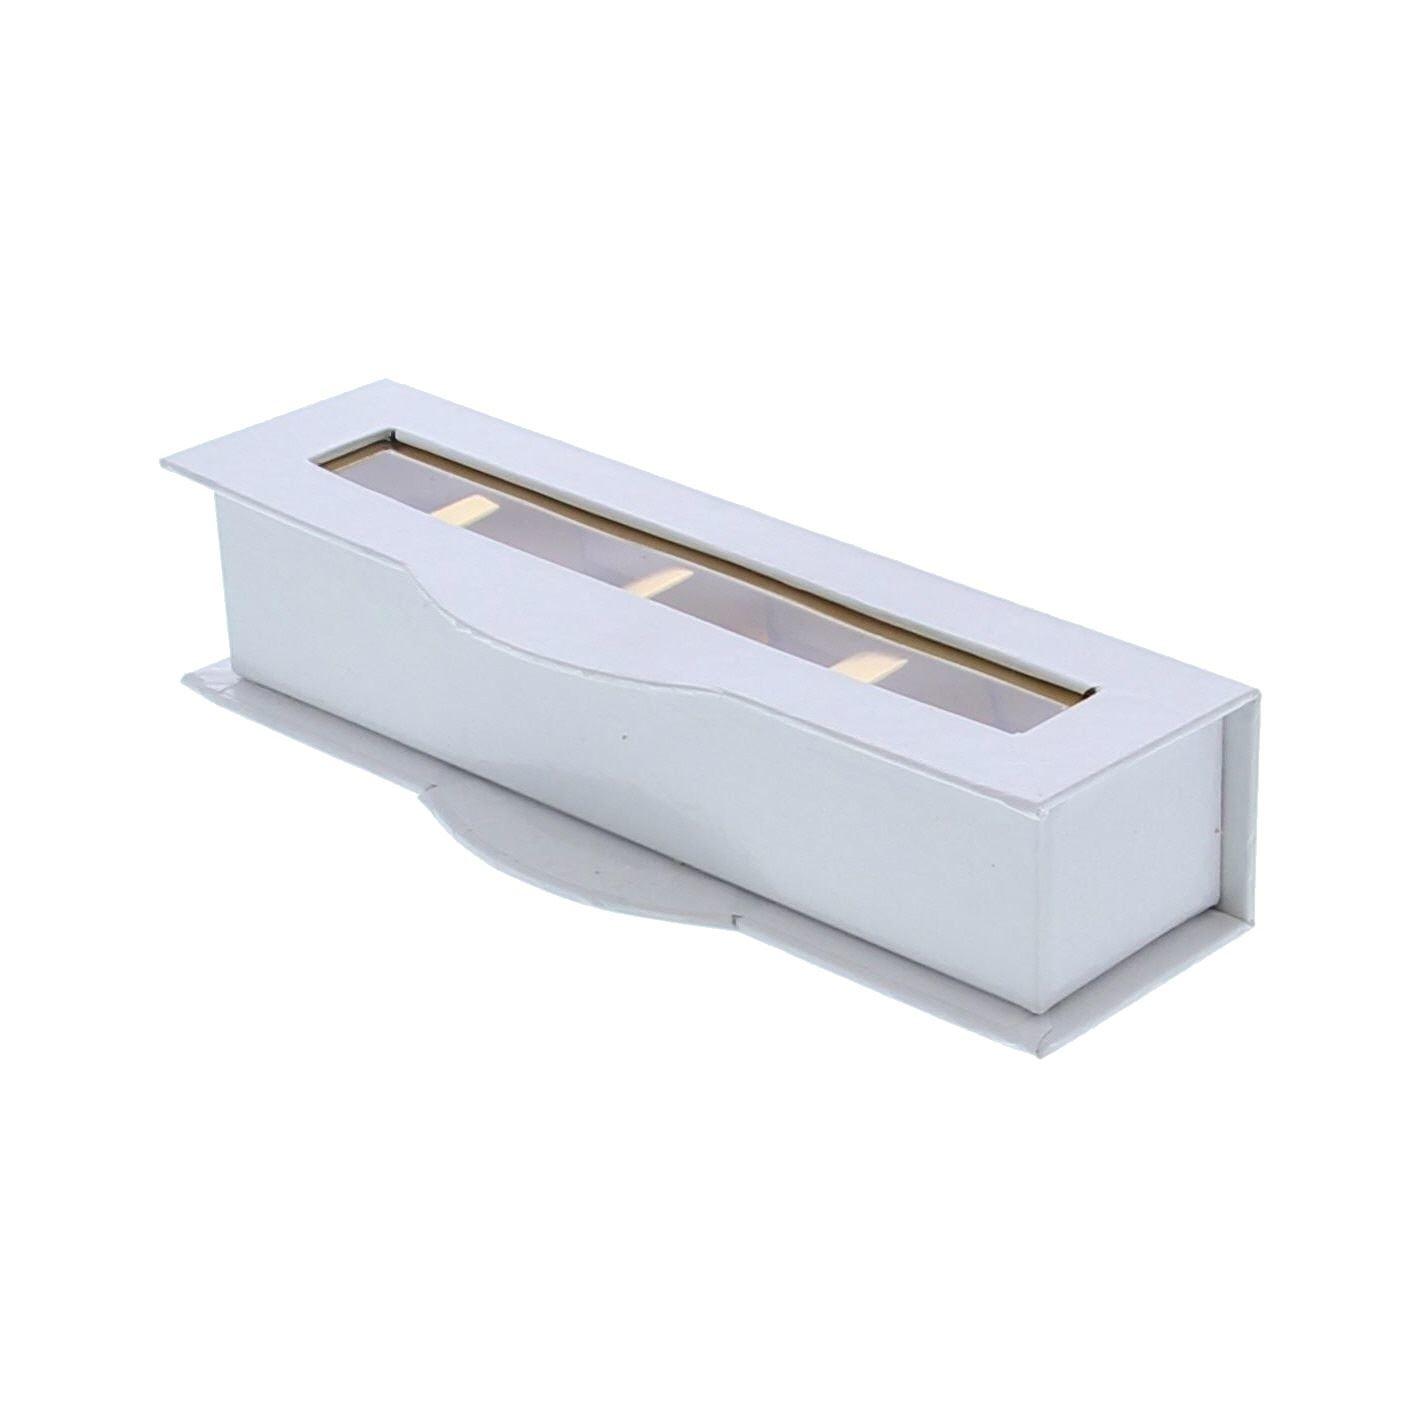 Boite à fenêtre transparente 4 pralines blanc - 55 * 170 *40 mm - 20 pièces